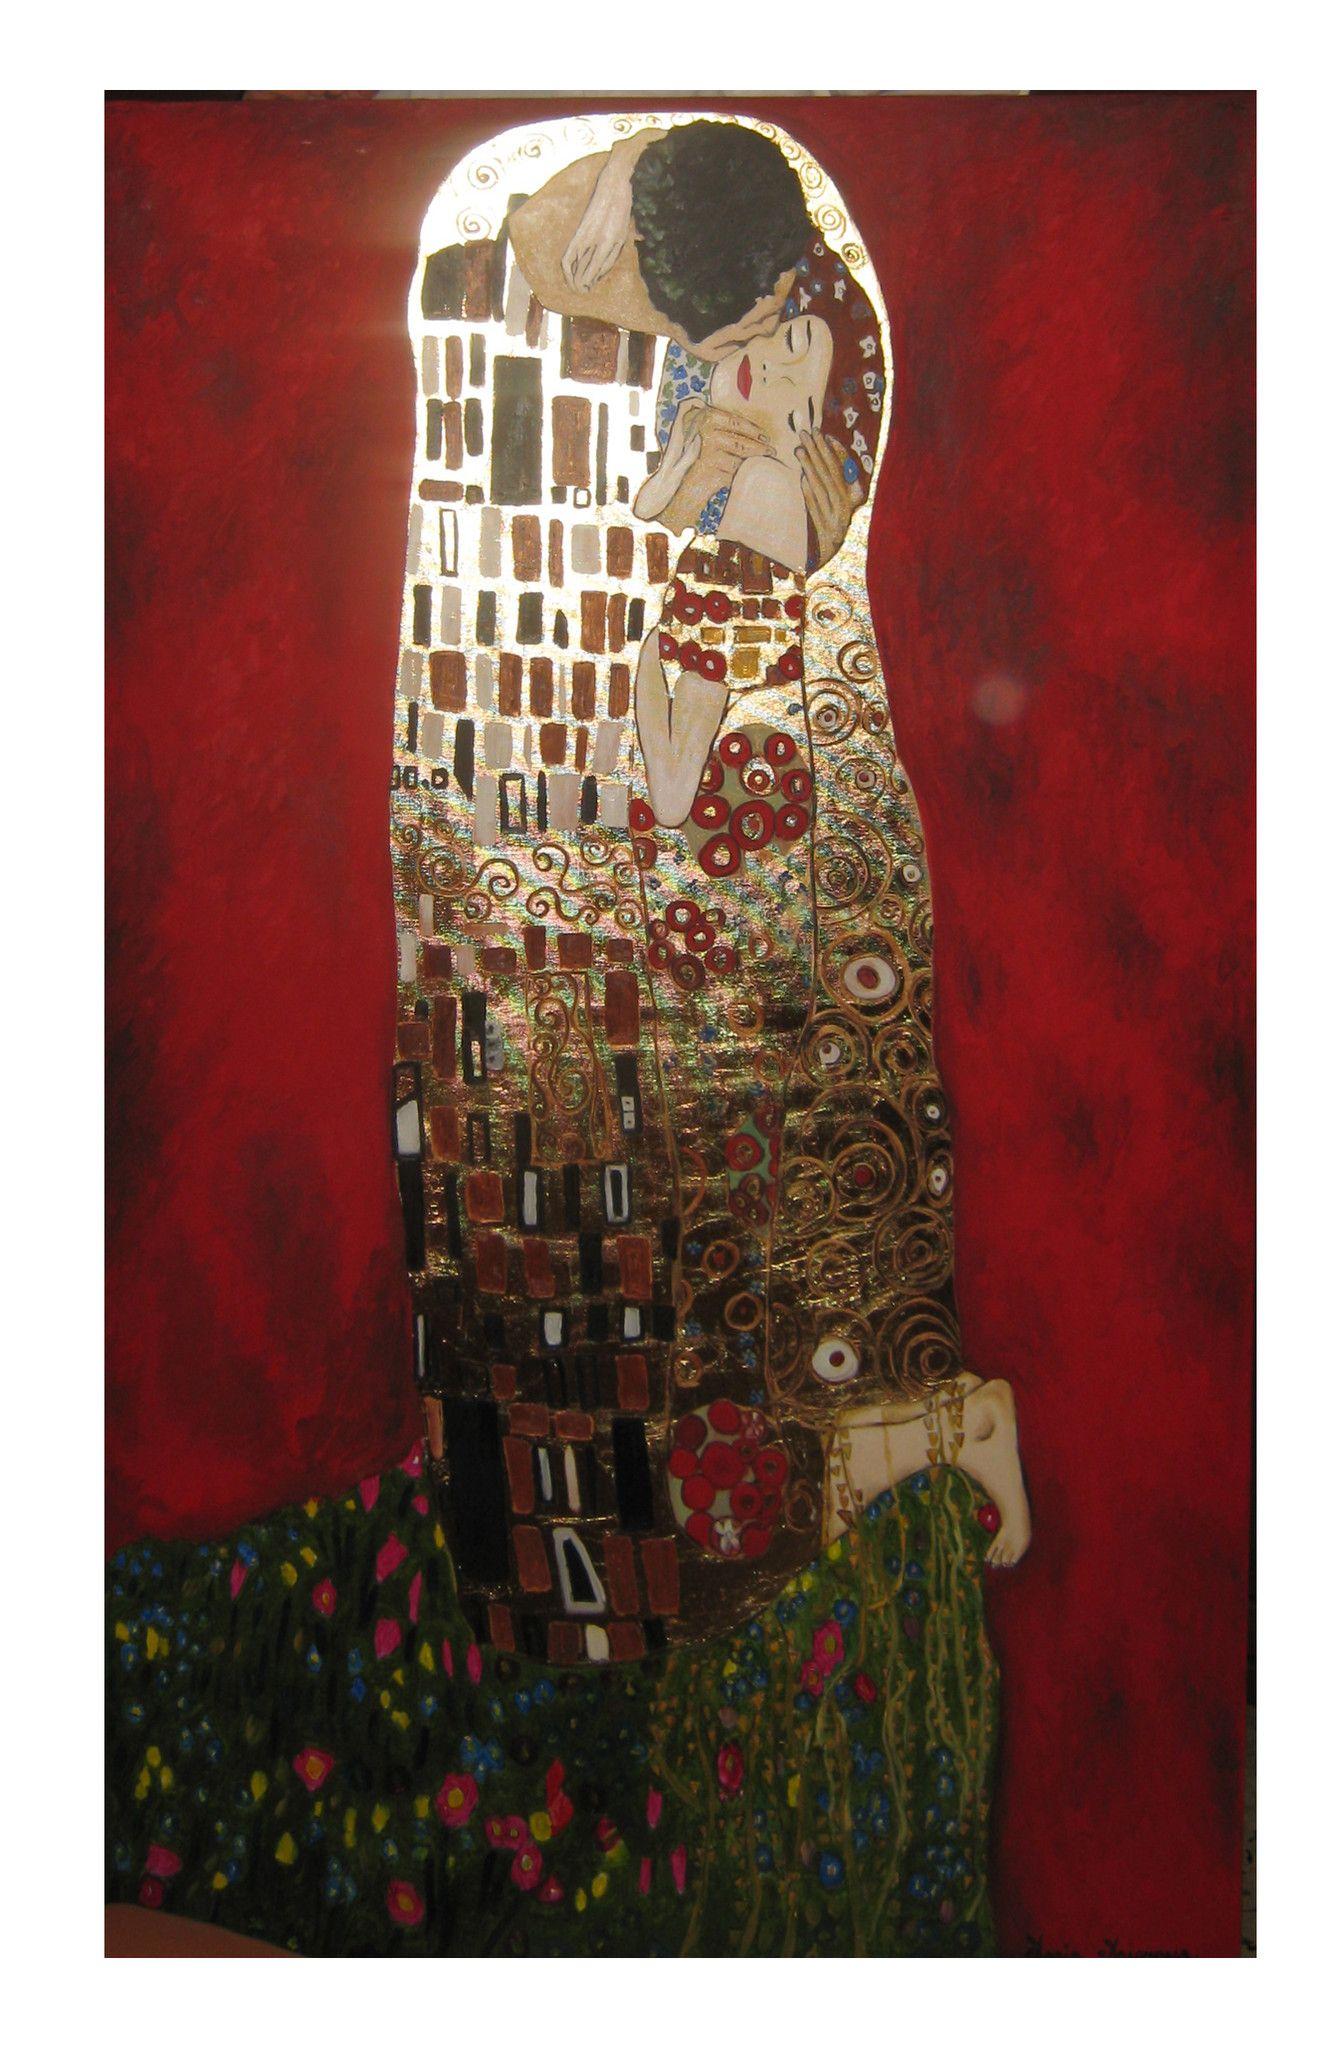 Il bacio - Copia di Gustav Klimt - 140x80